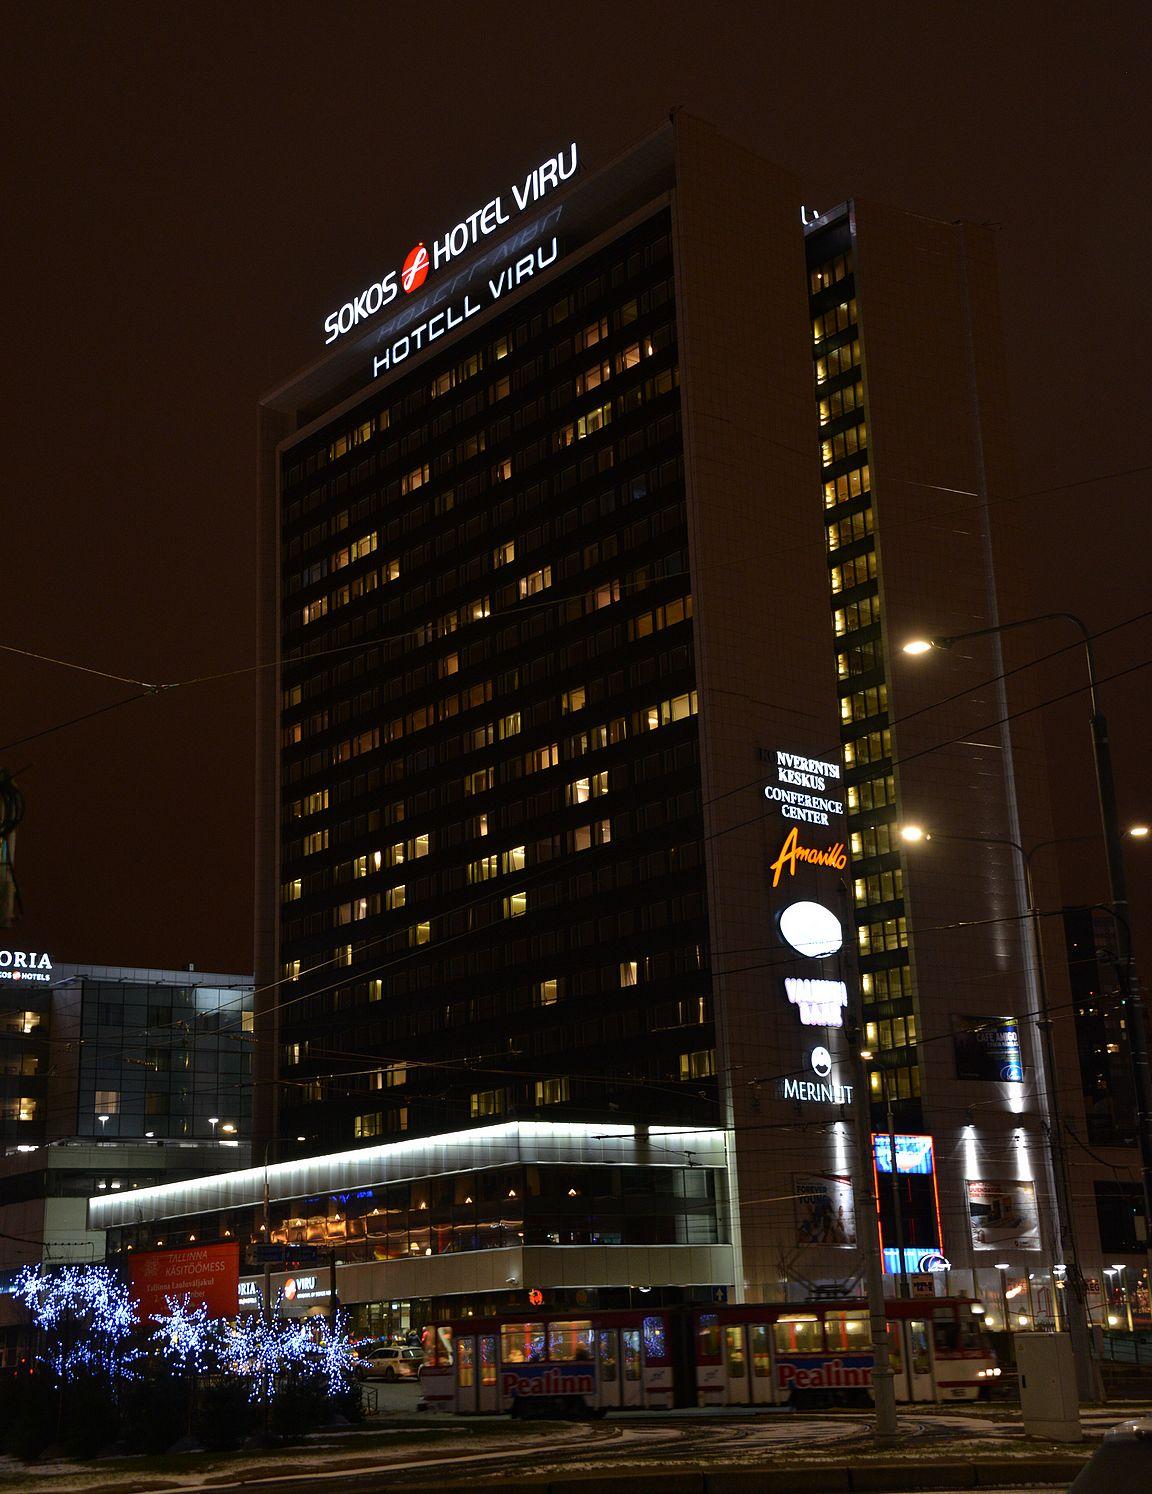 Viru hotelli on Tallinnan maamerkki.